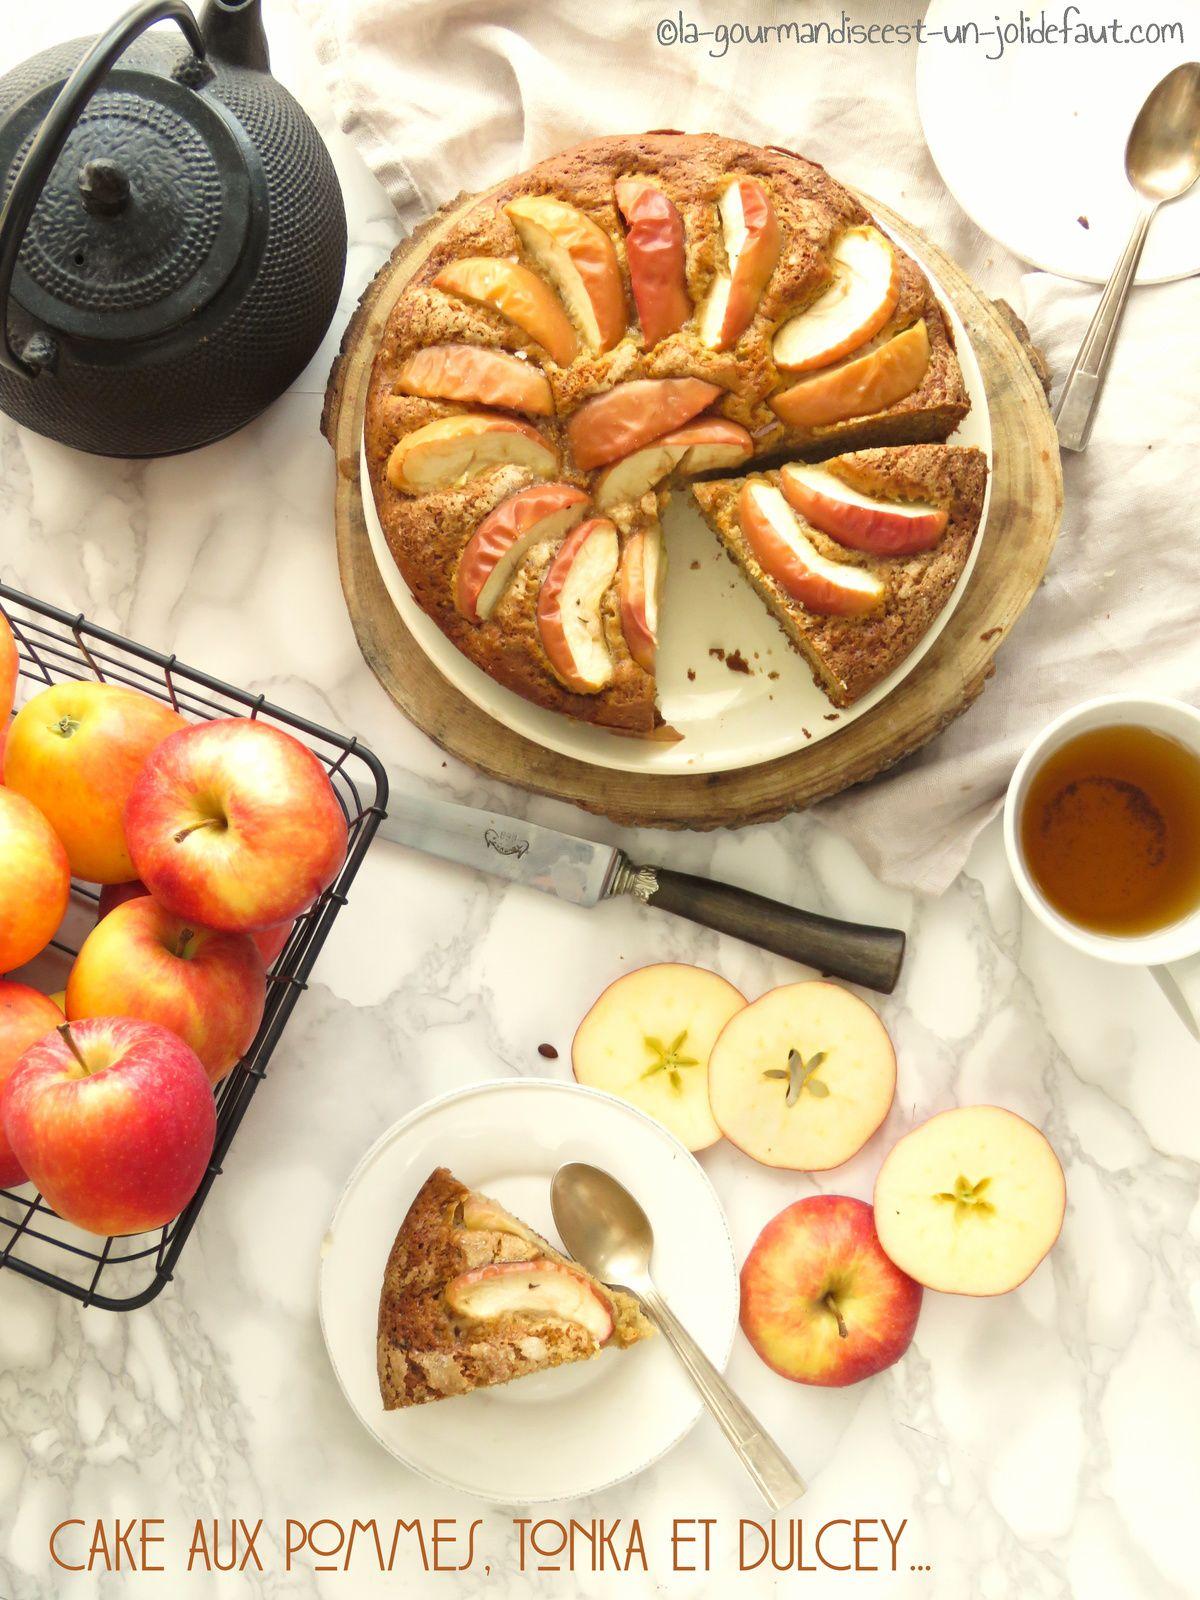 Cake aux pommes, fève tonka et dulcey